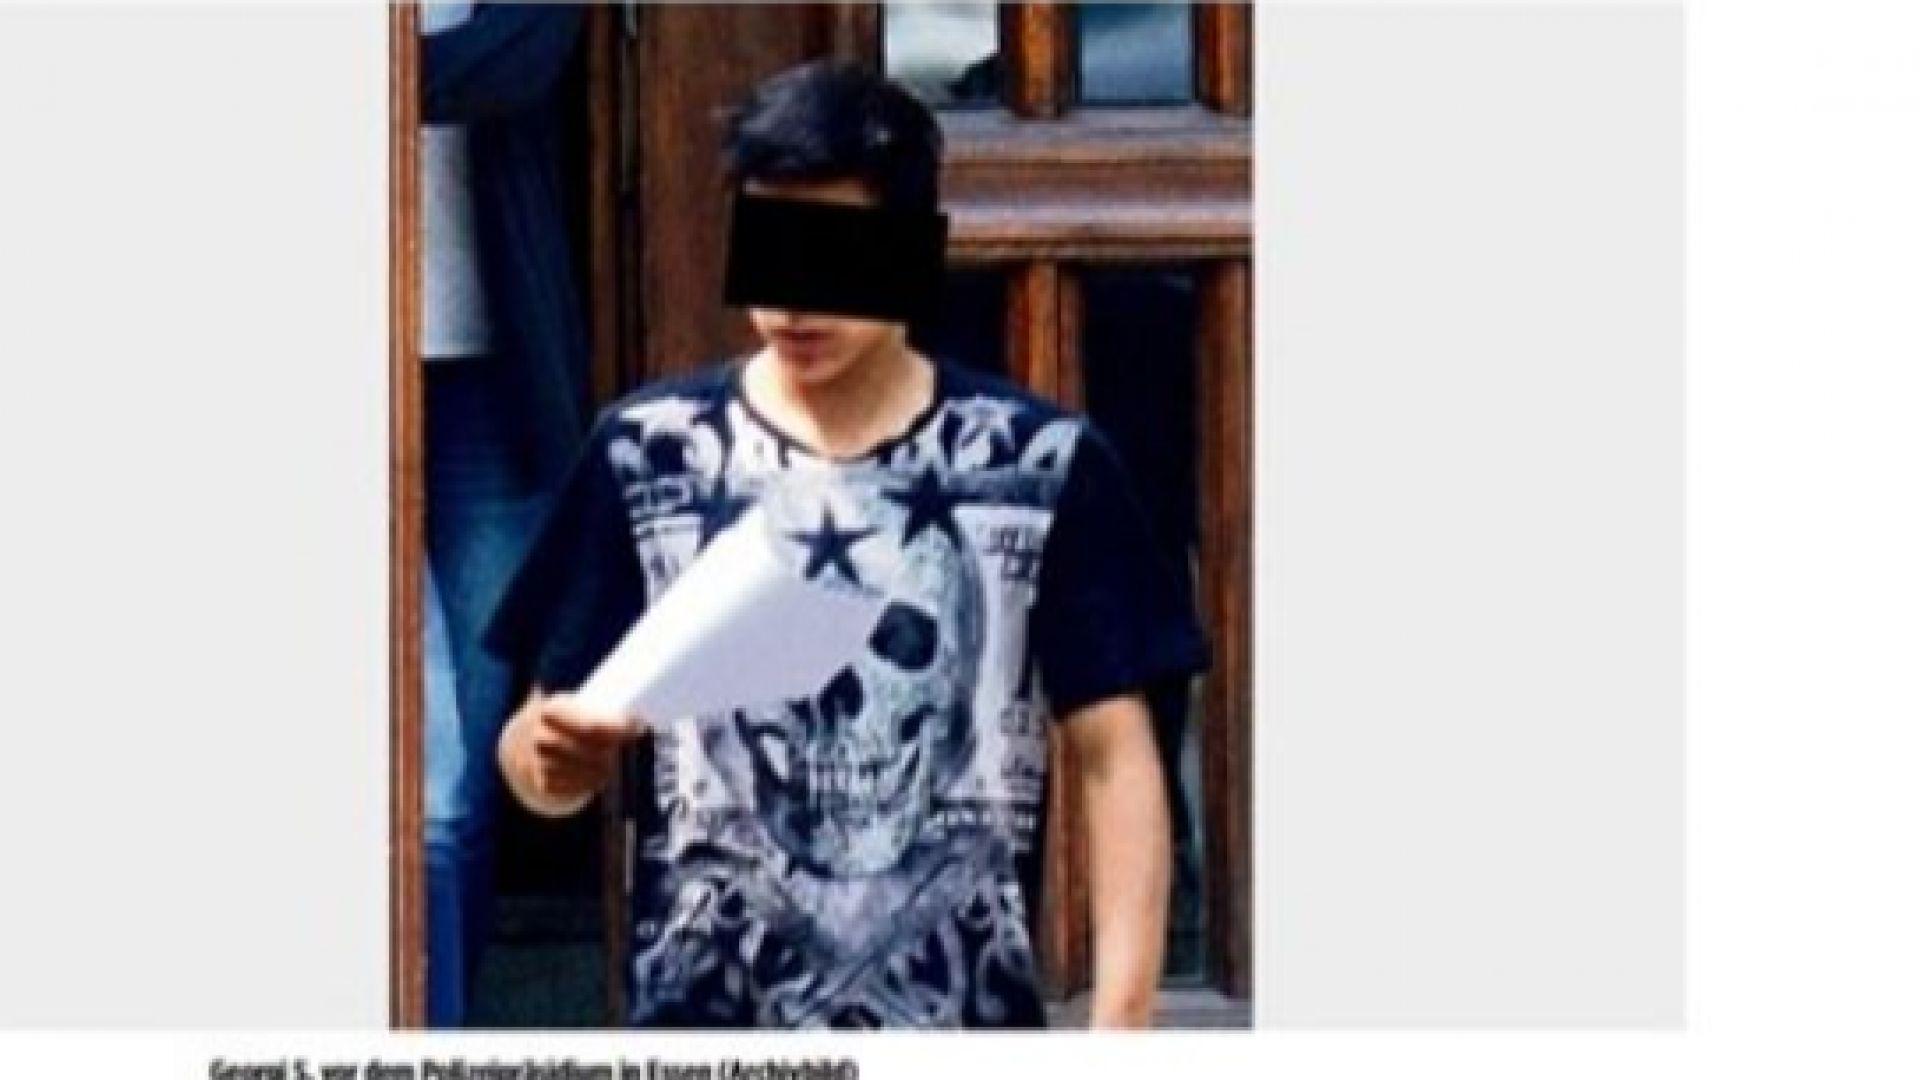 14-годишният българин Георги С., който неотдавна беше задържан за изнасилване